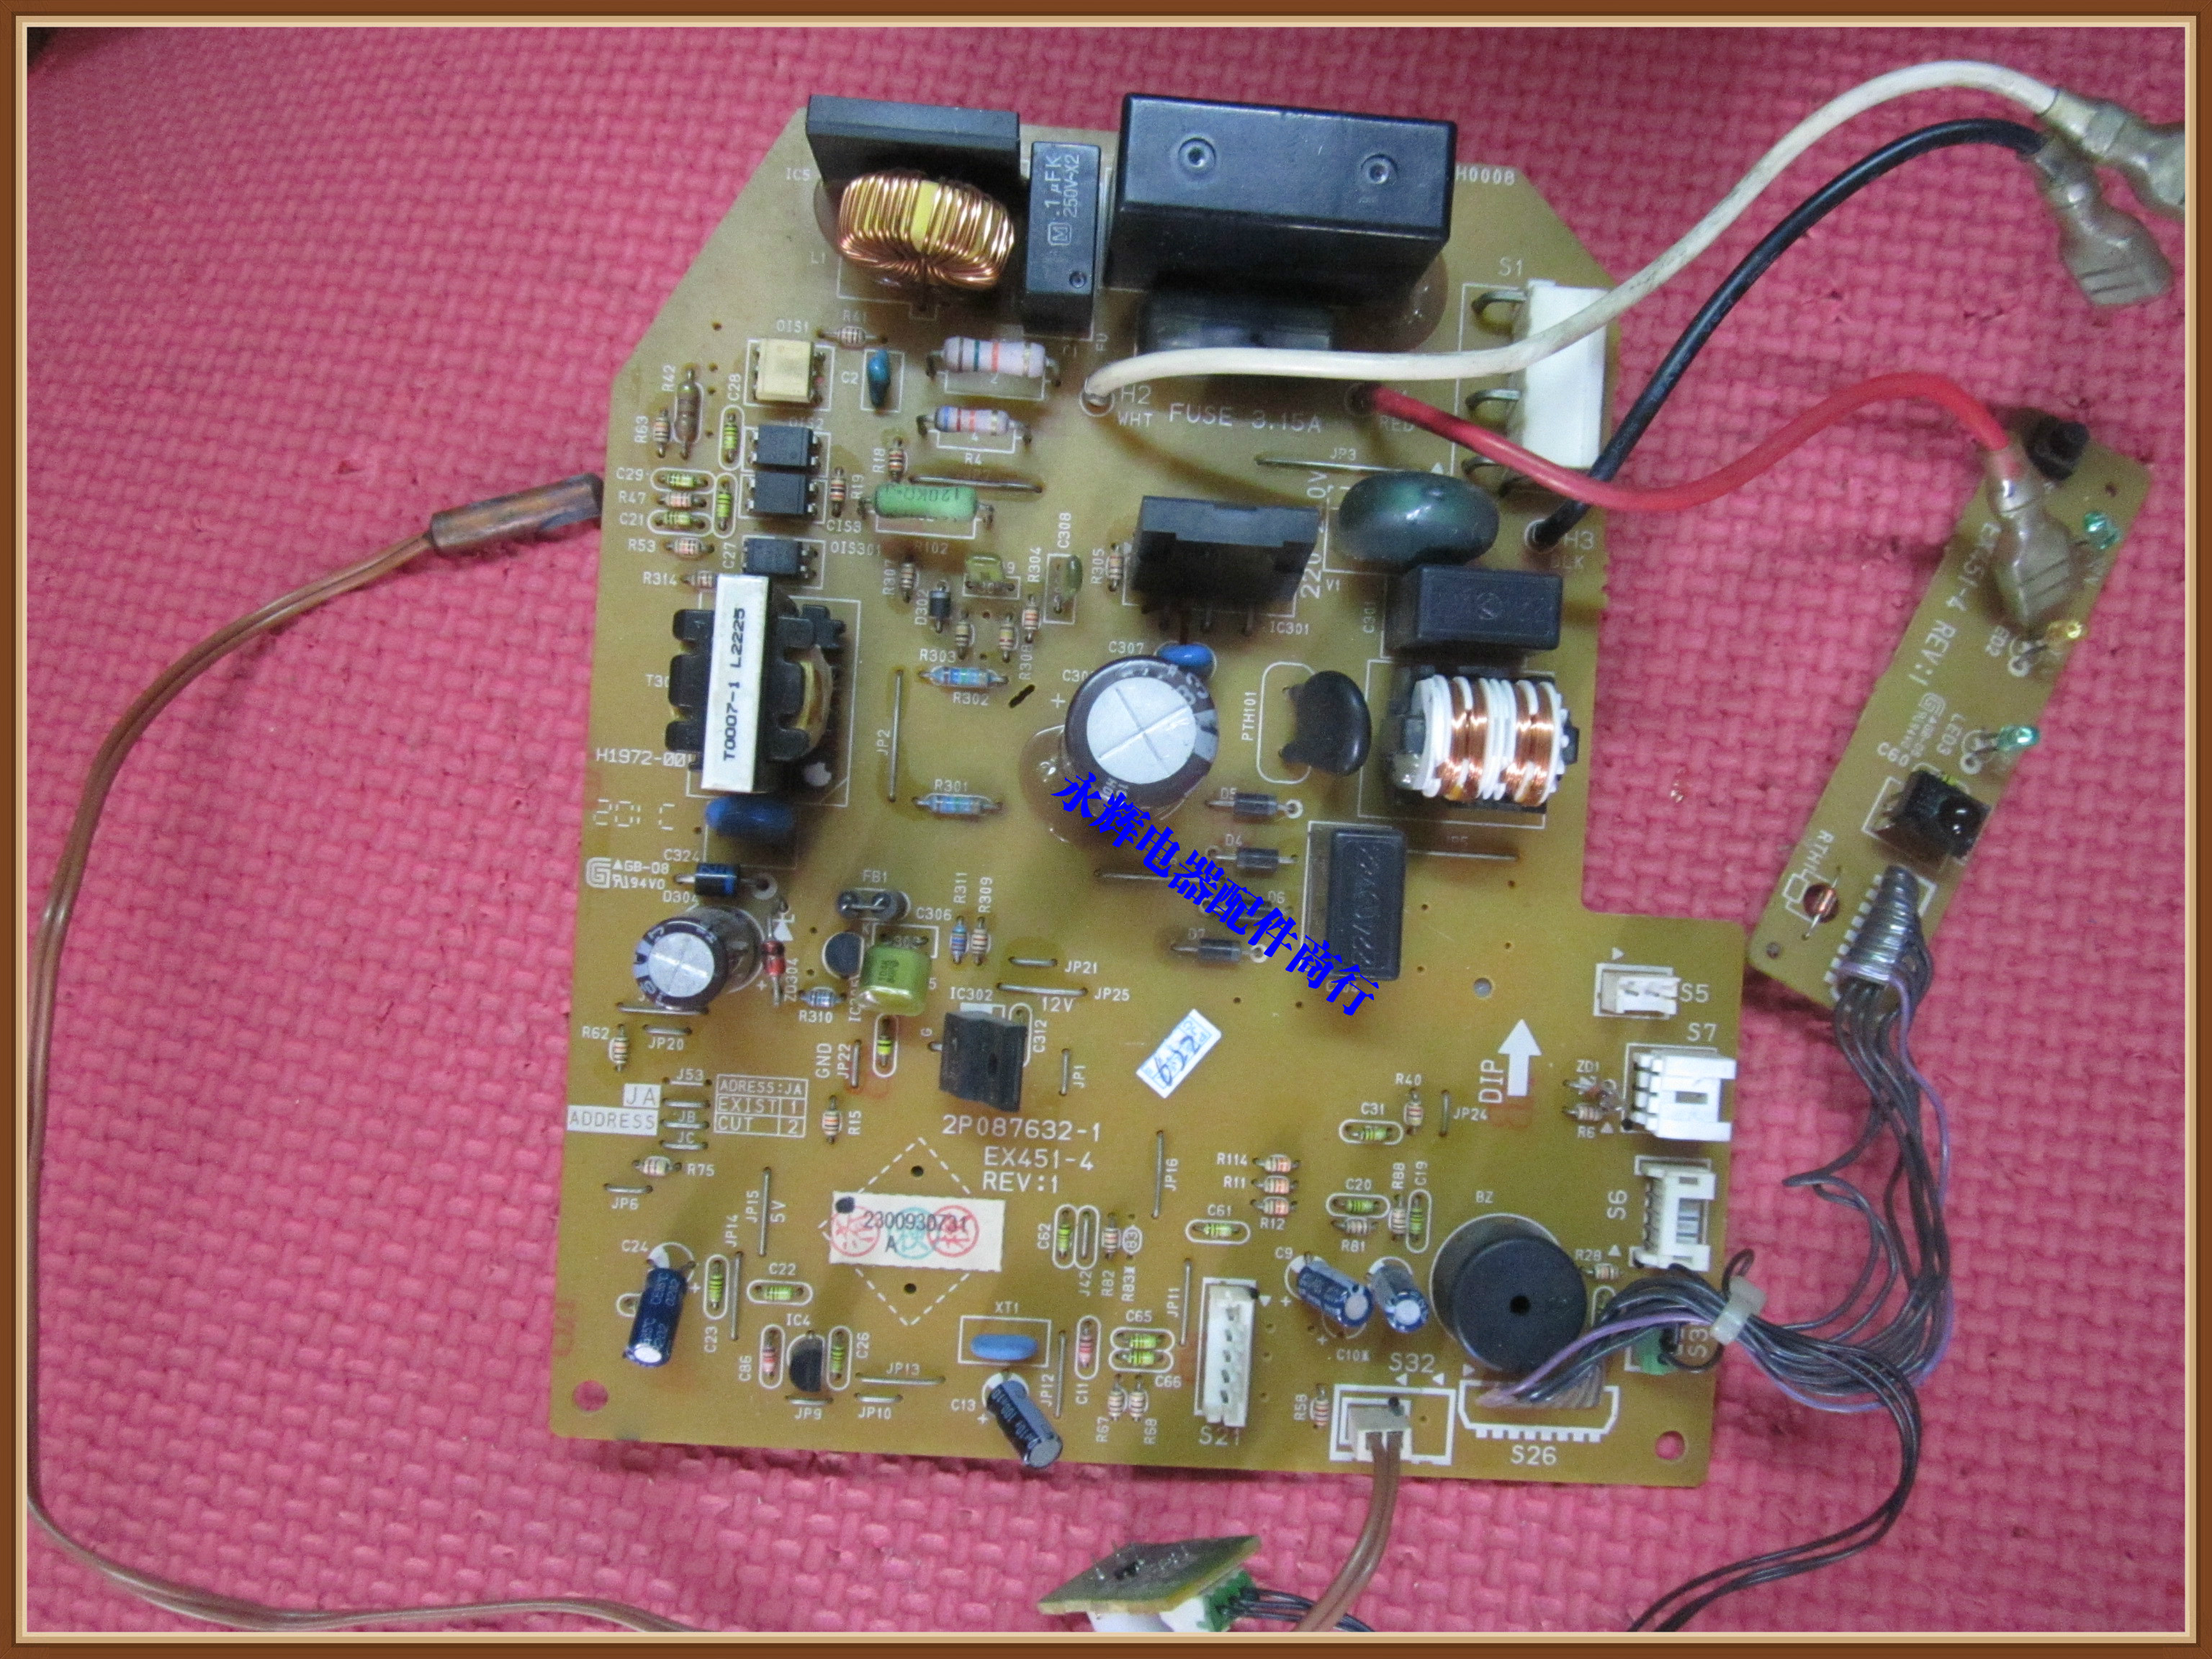 a nagy 变频 FTX25LV1C (eredeti 2P087632-1 KFR-25G/BP gépben számítógép lapjáról alaplap